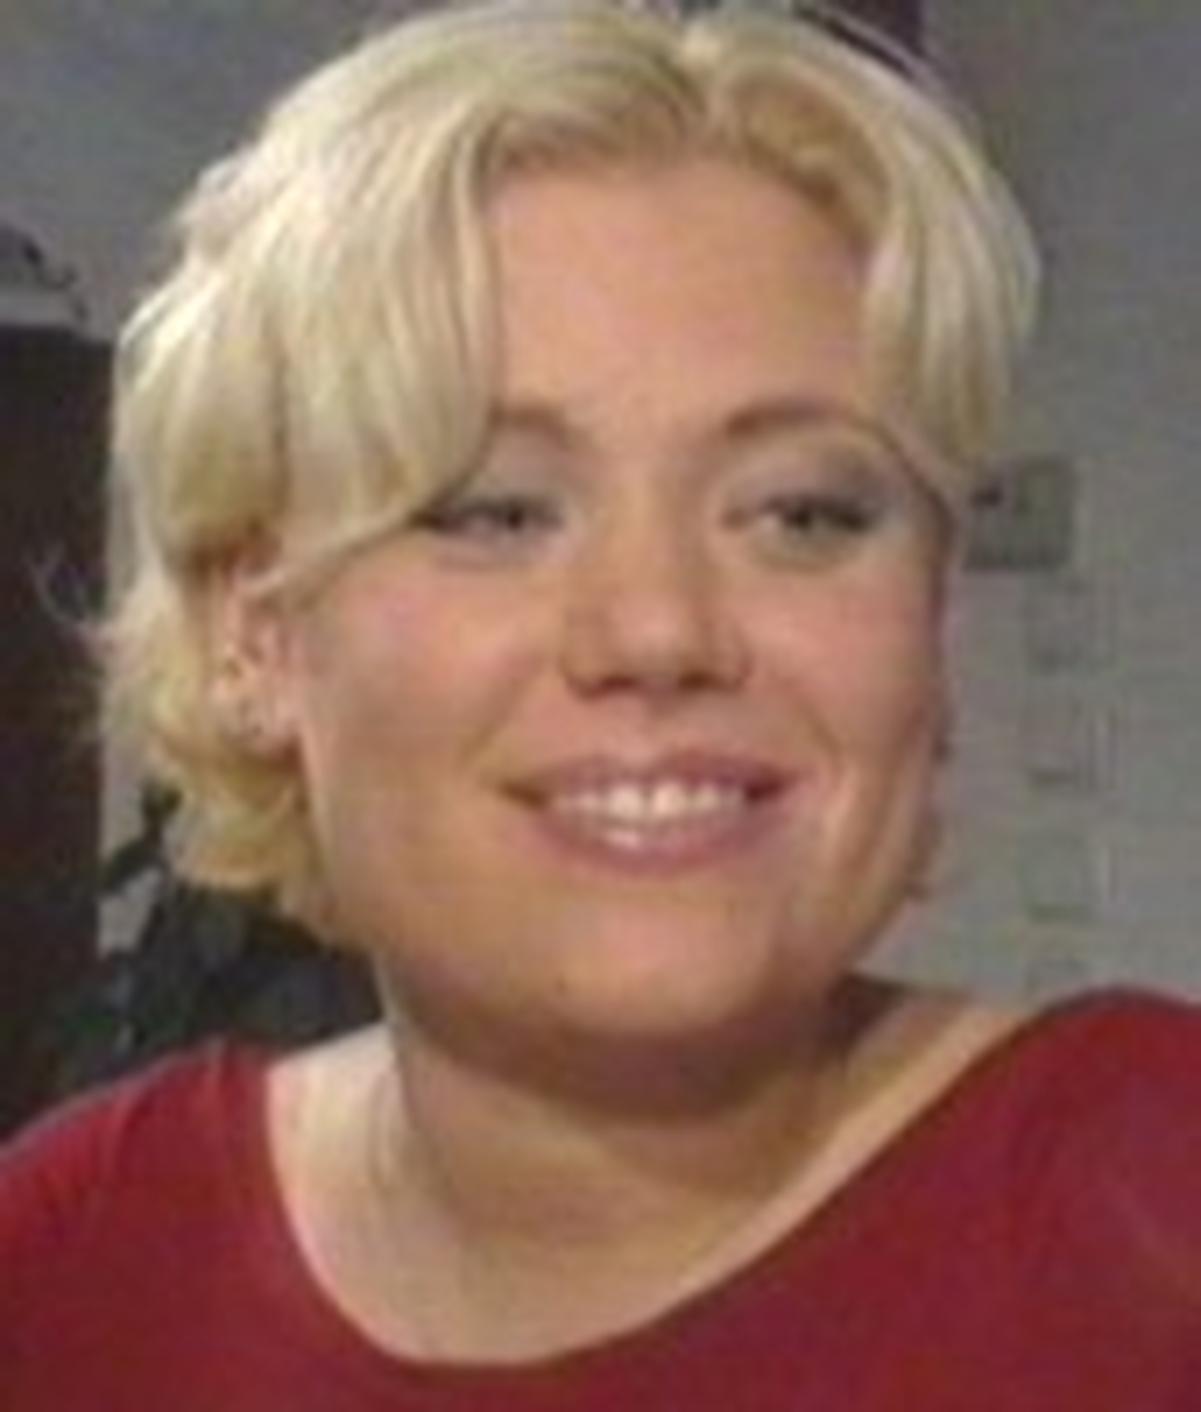 Gabriella Dani